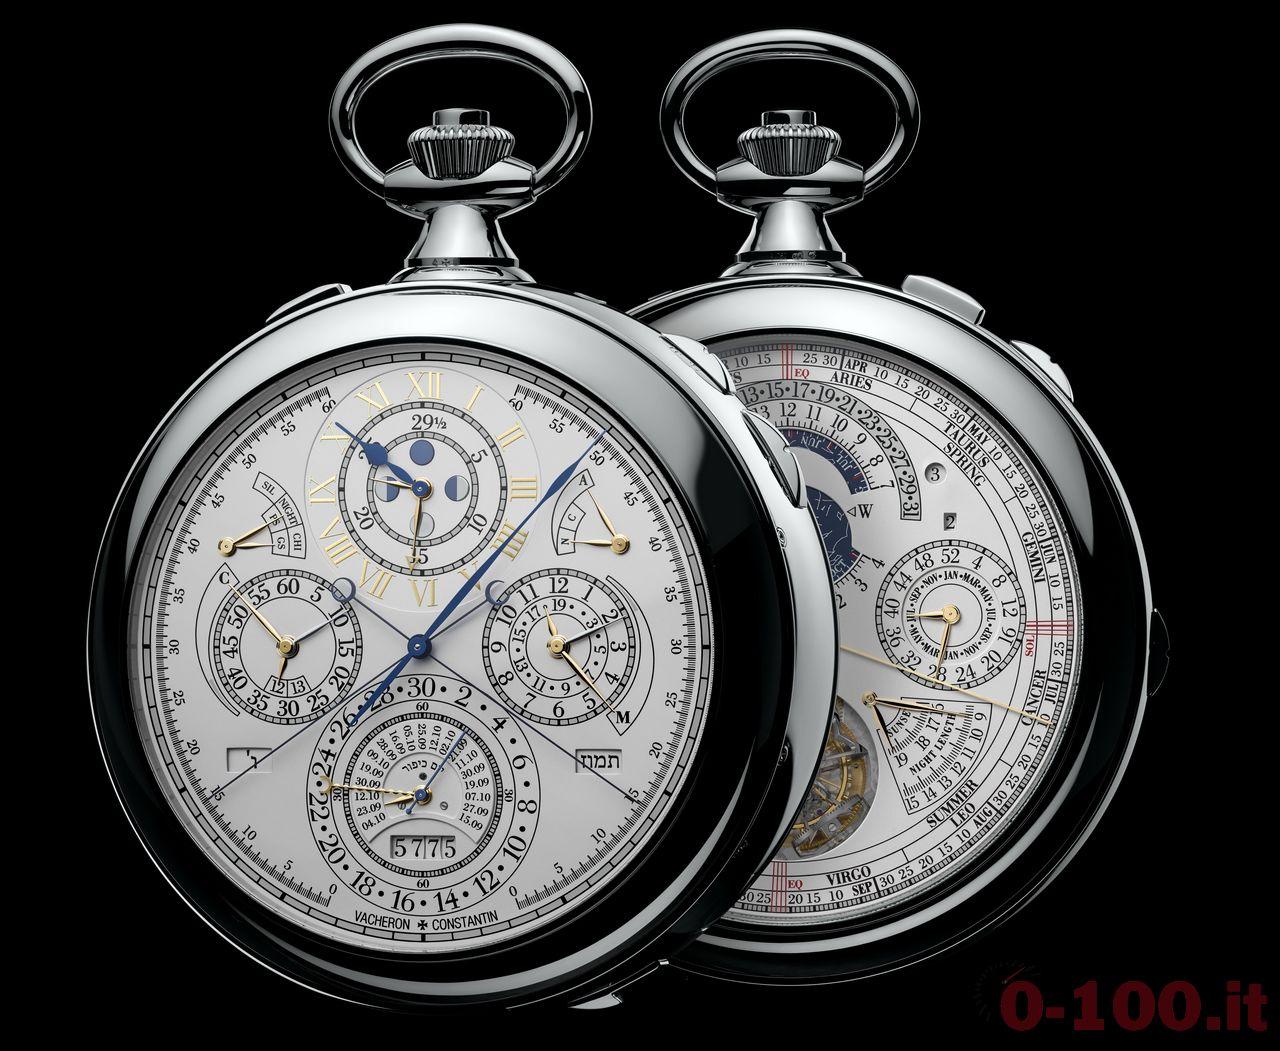 Costantin Calendario 2020.Vacheron Constantin Referenza 57260 0 100 It